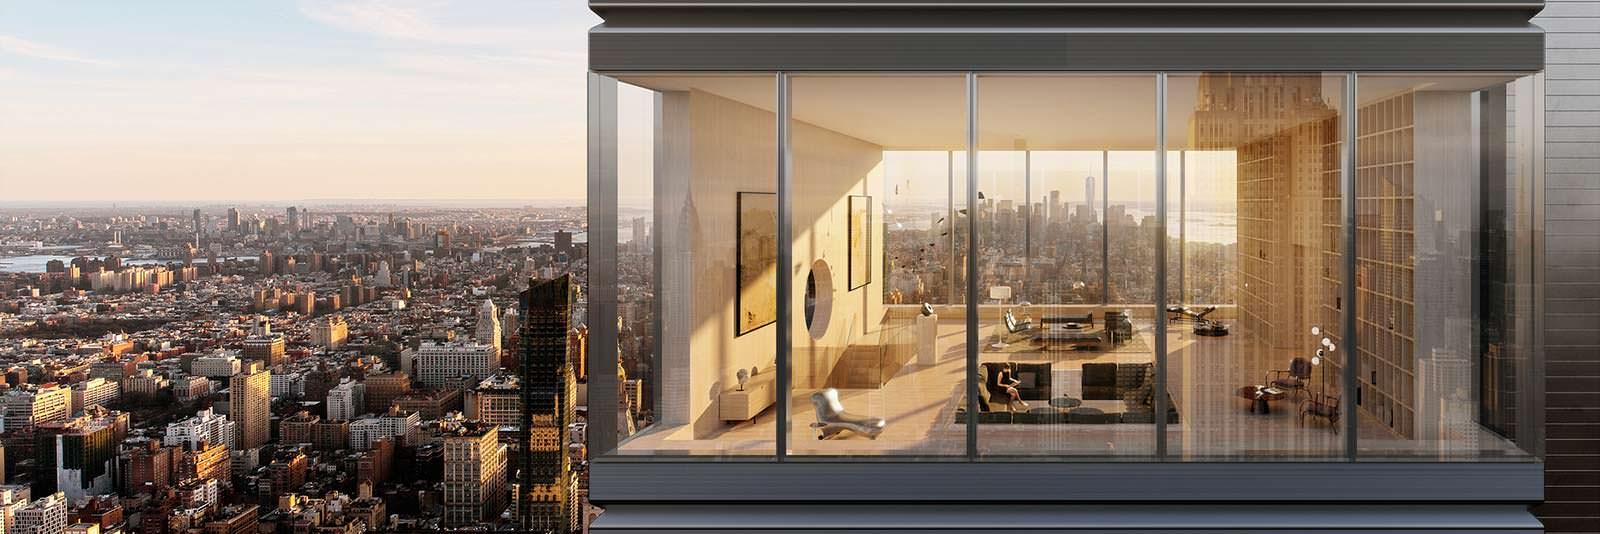 Элитный пентхаус в башне на Манхэттене. Дизайн Meganom